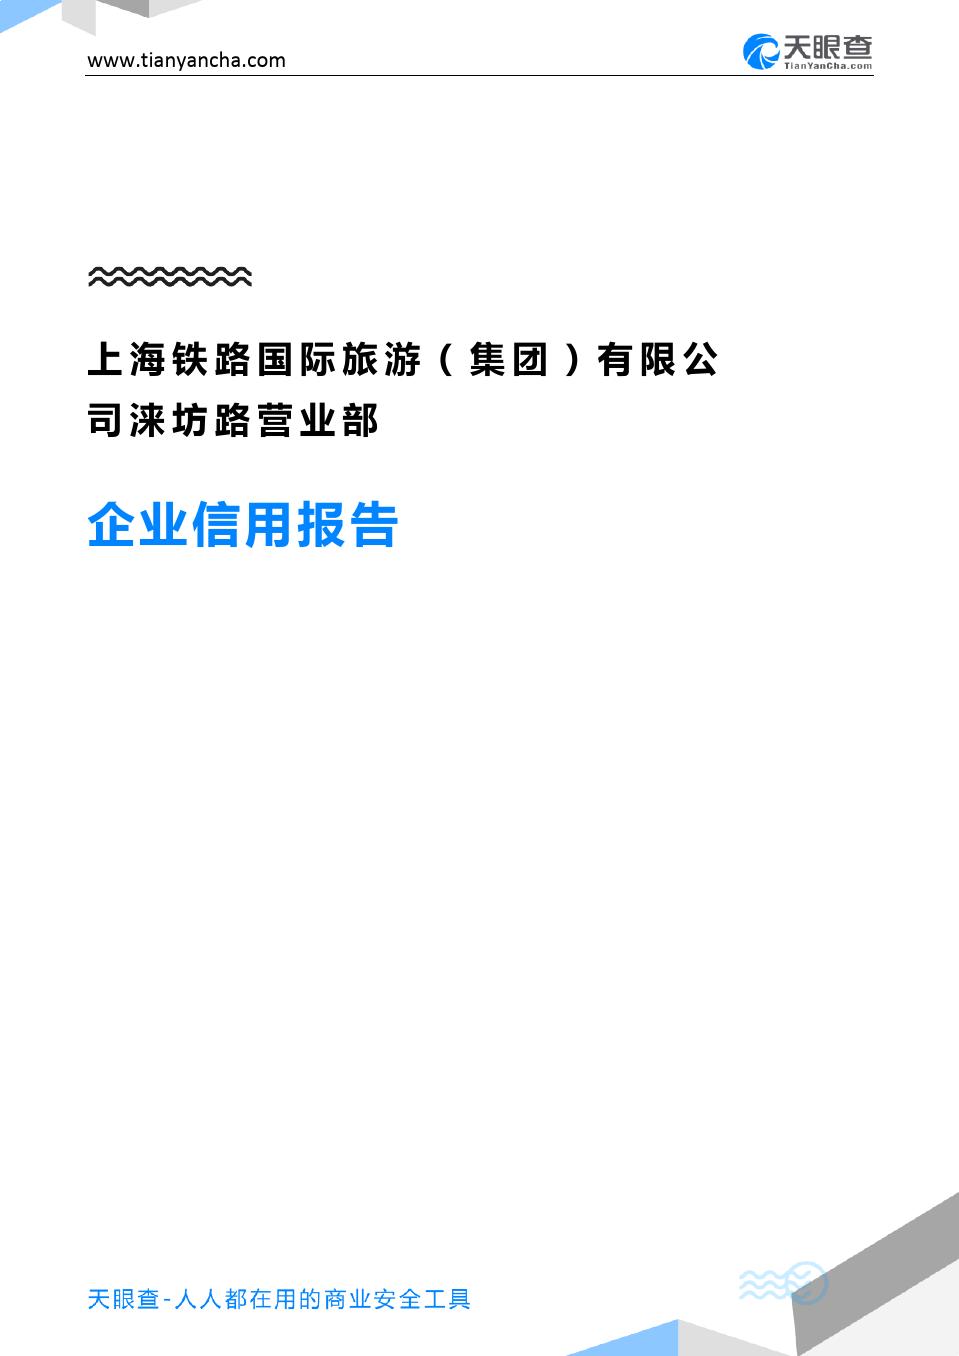 上海铁路国际旅游(集团)有限公司涞坊路营业部企业信用报告-天眼查